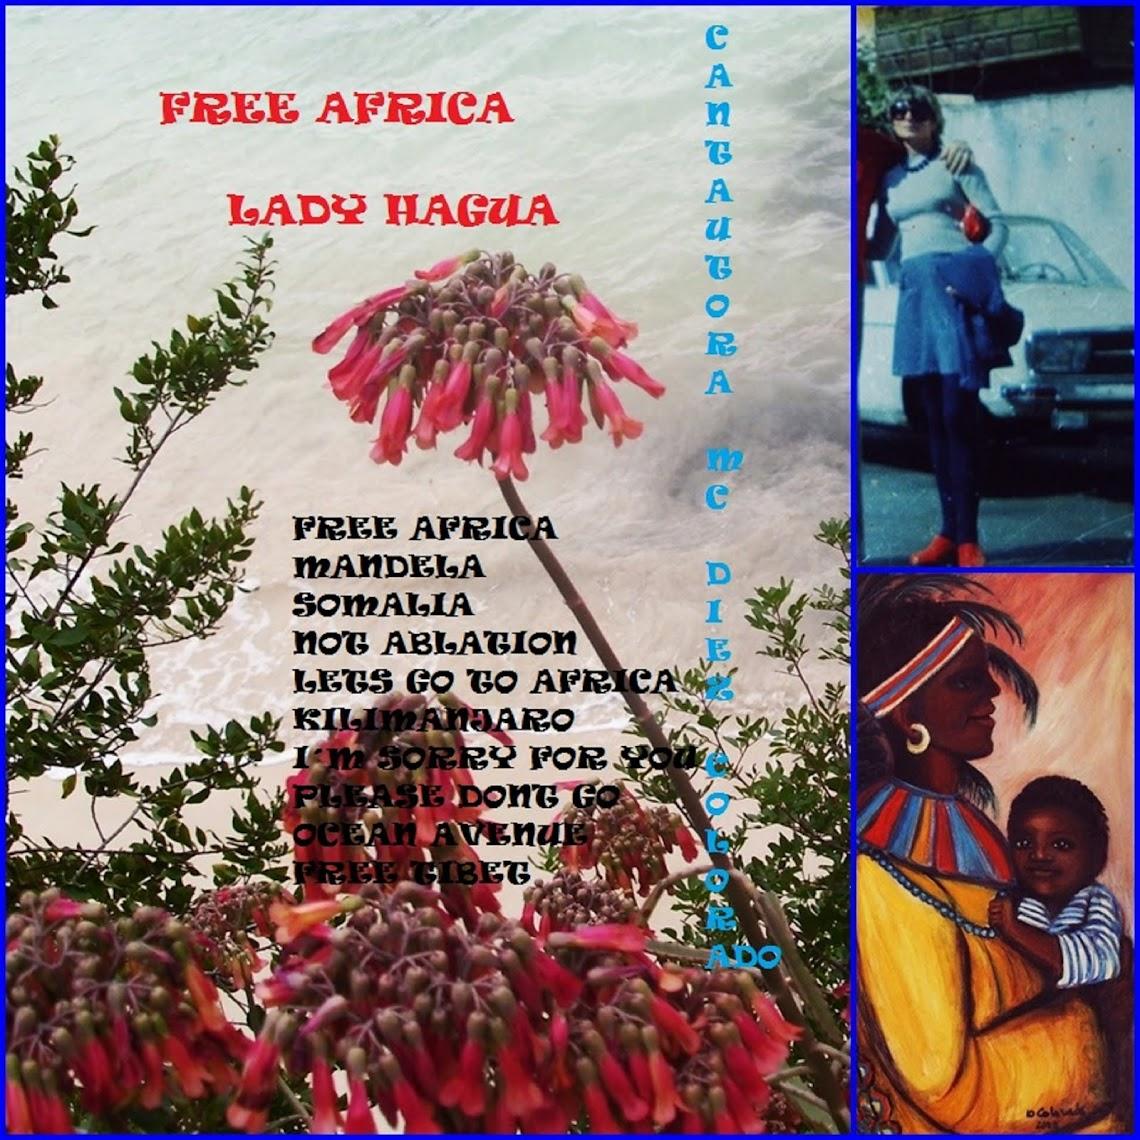 FREE AFRICA LADY HAGUA